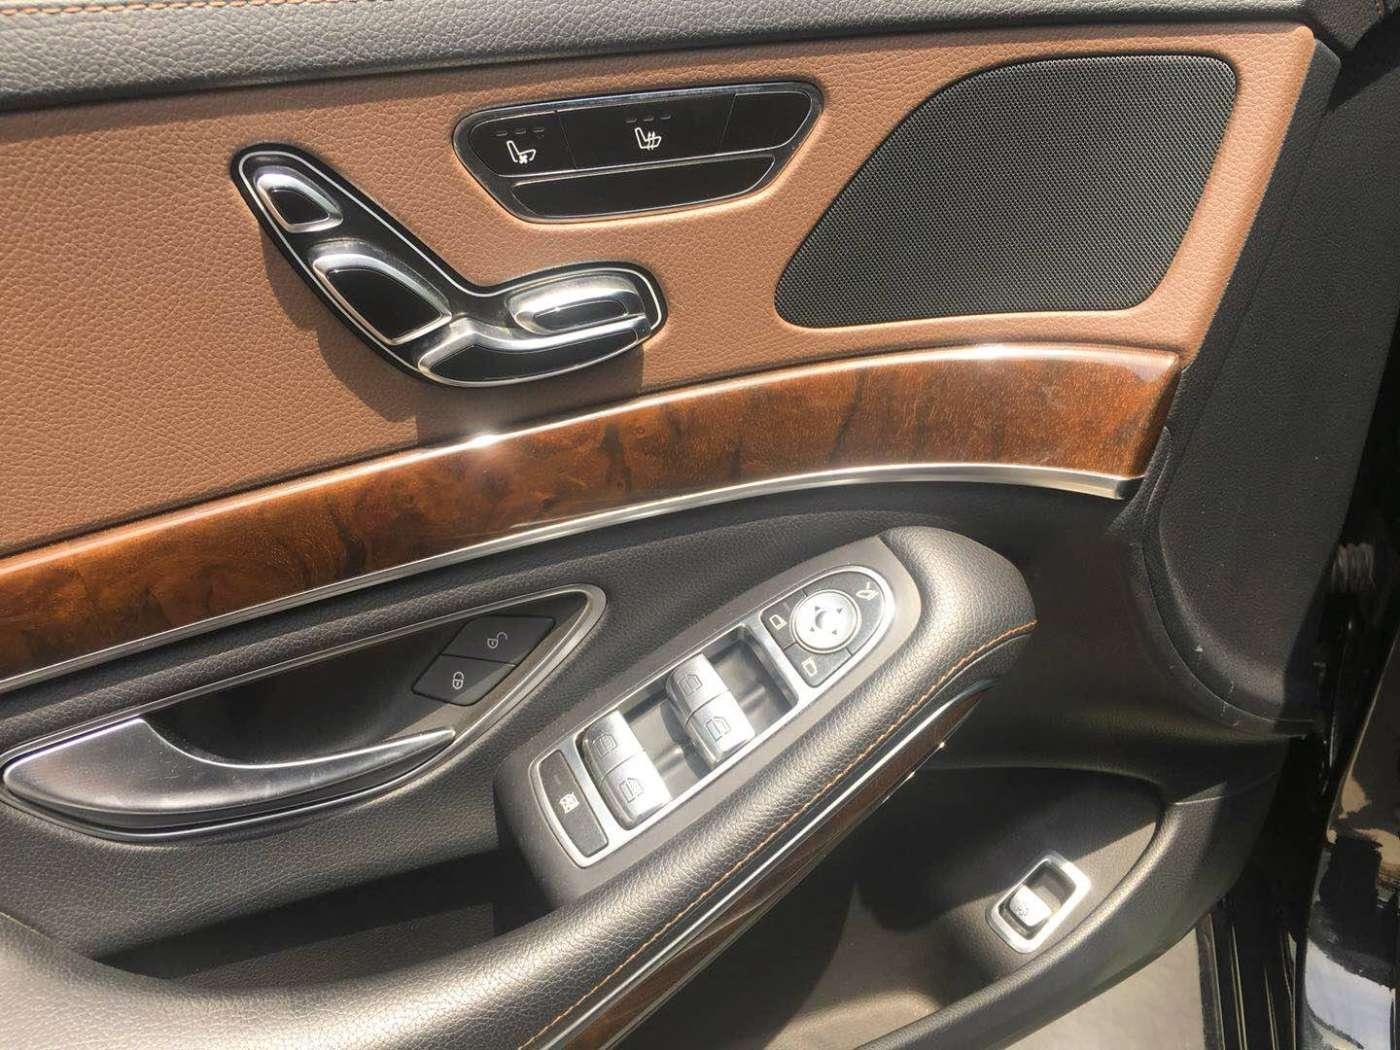 2014年04月 奔驰S级 2014款 S 400 L 尊贵型|甄选奔驰-北京卡斯基汽车服务有限公司